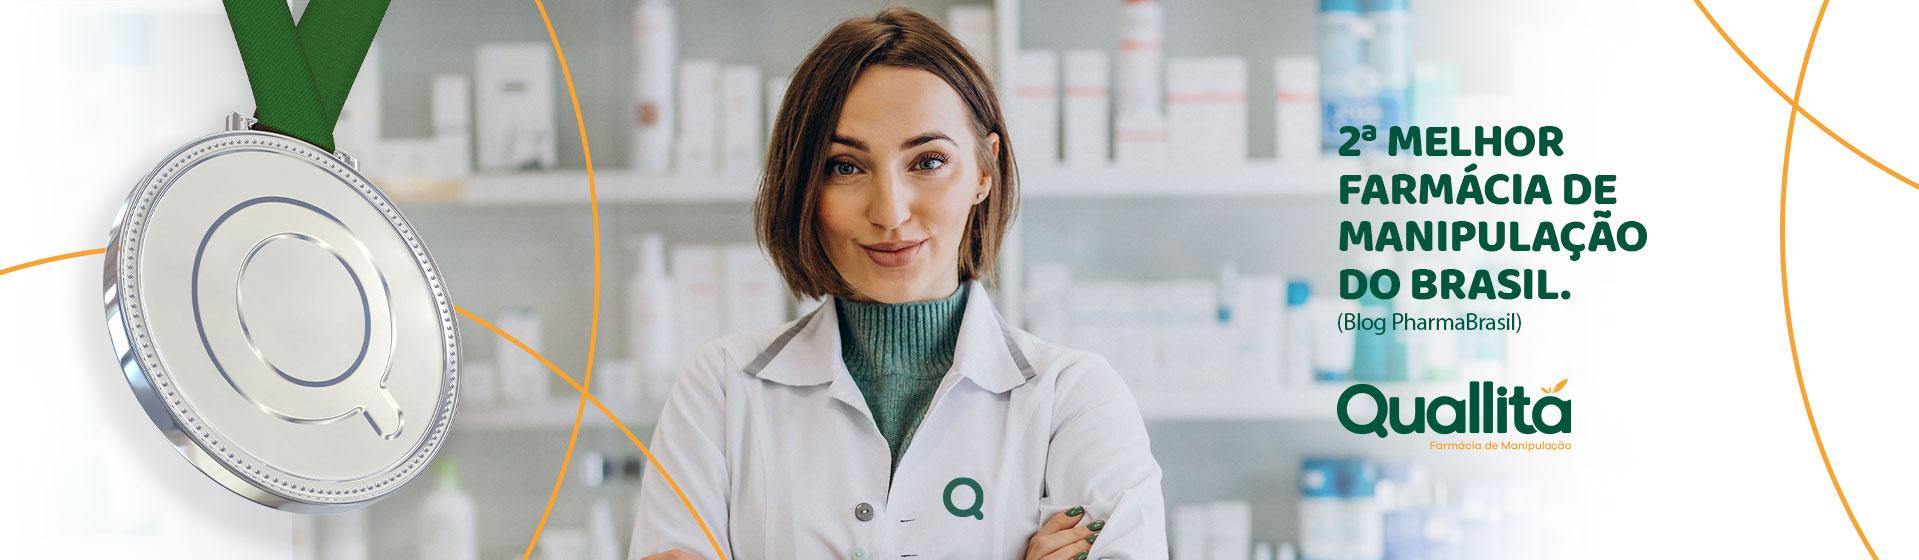 farmacia-de-manipulacao